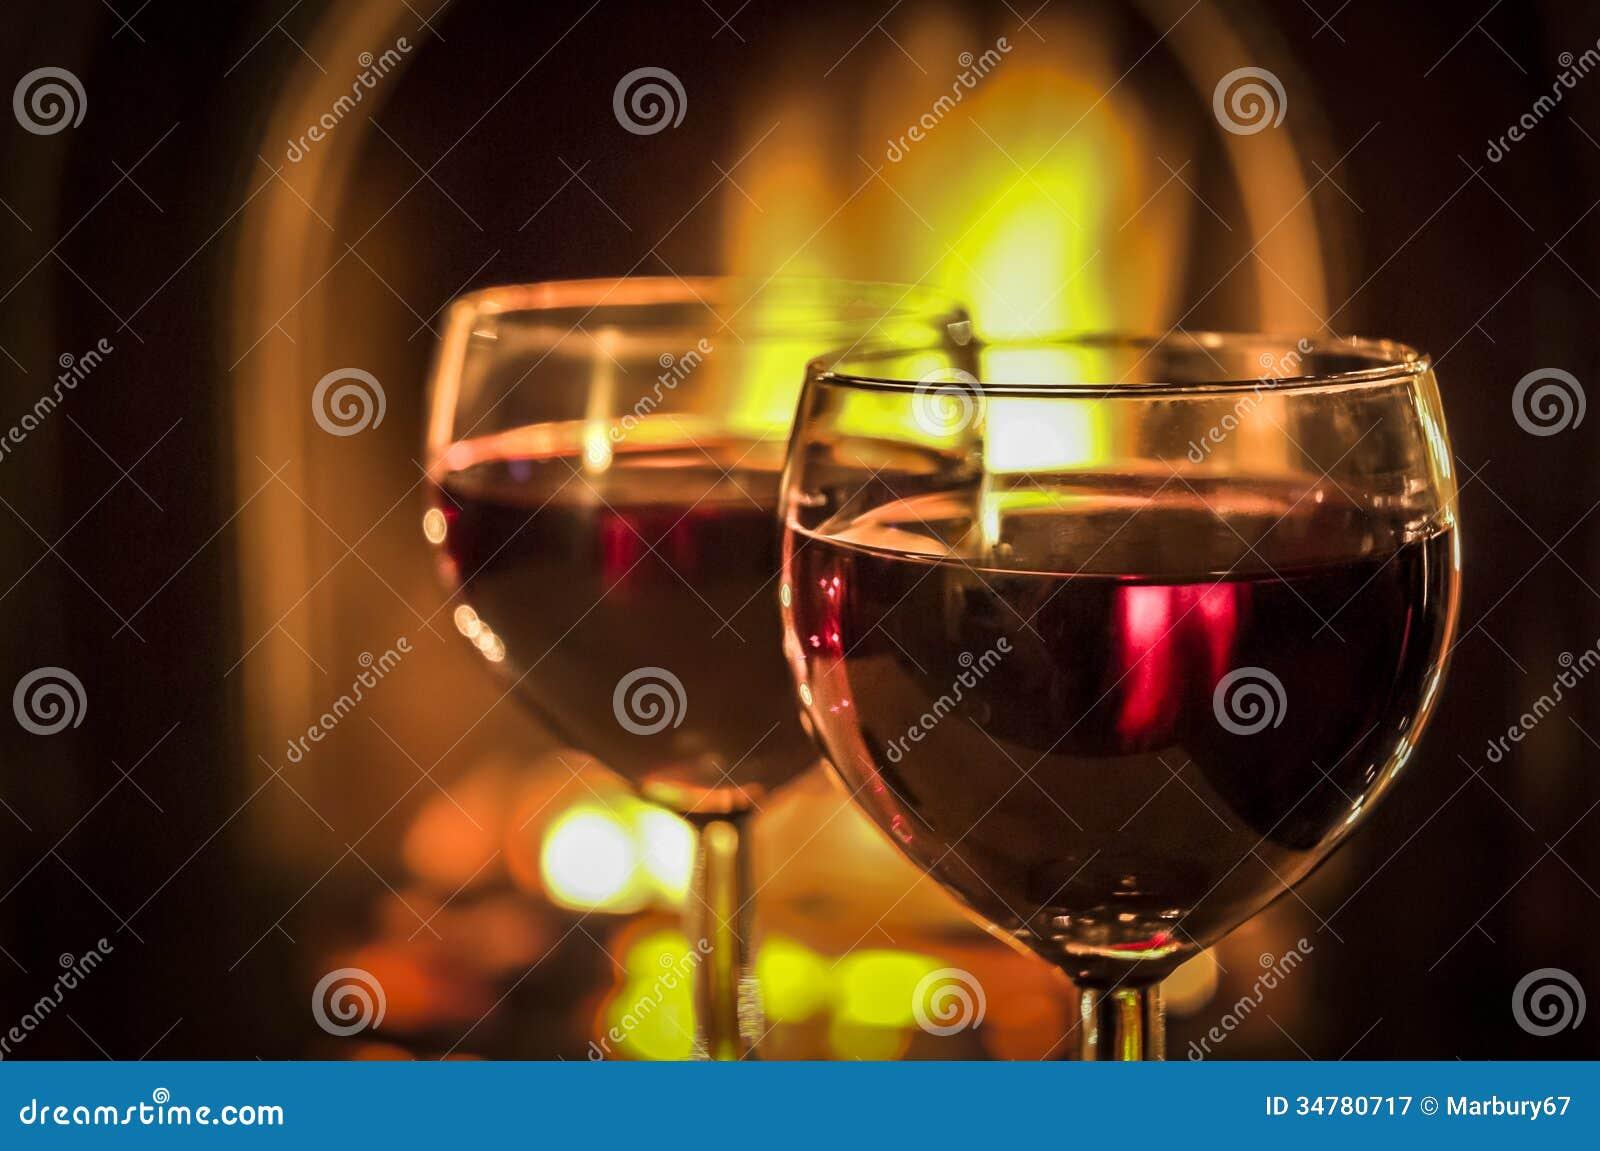 Kamin-Wein stockbild. Bild von cosy, bernsteinfarbig - 34780717